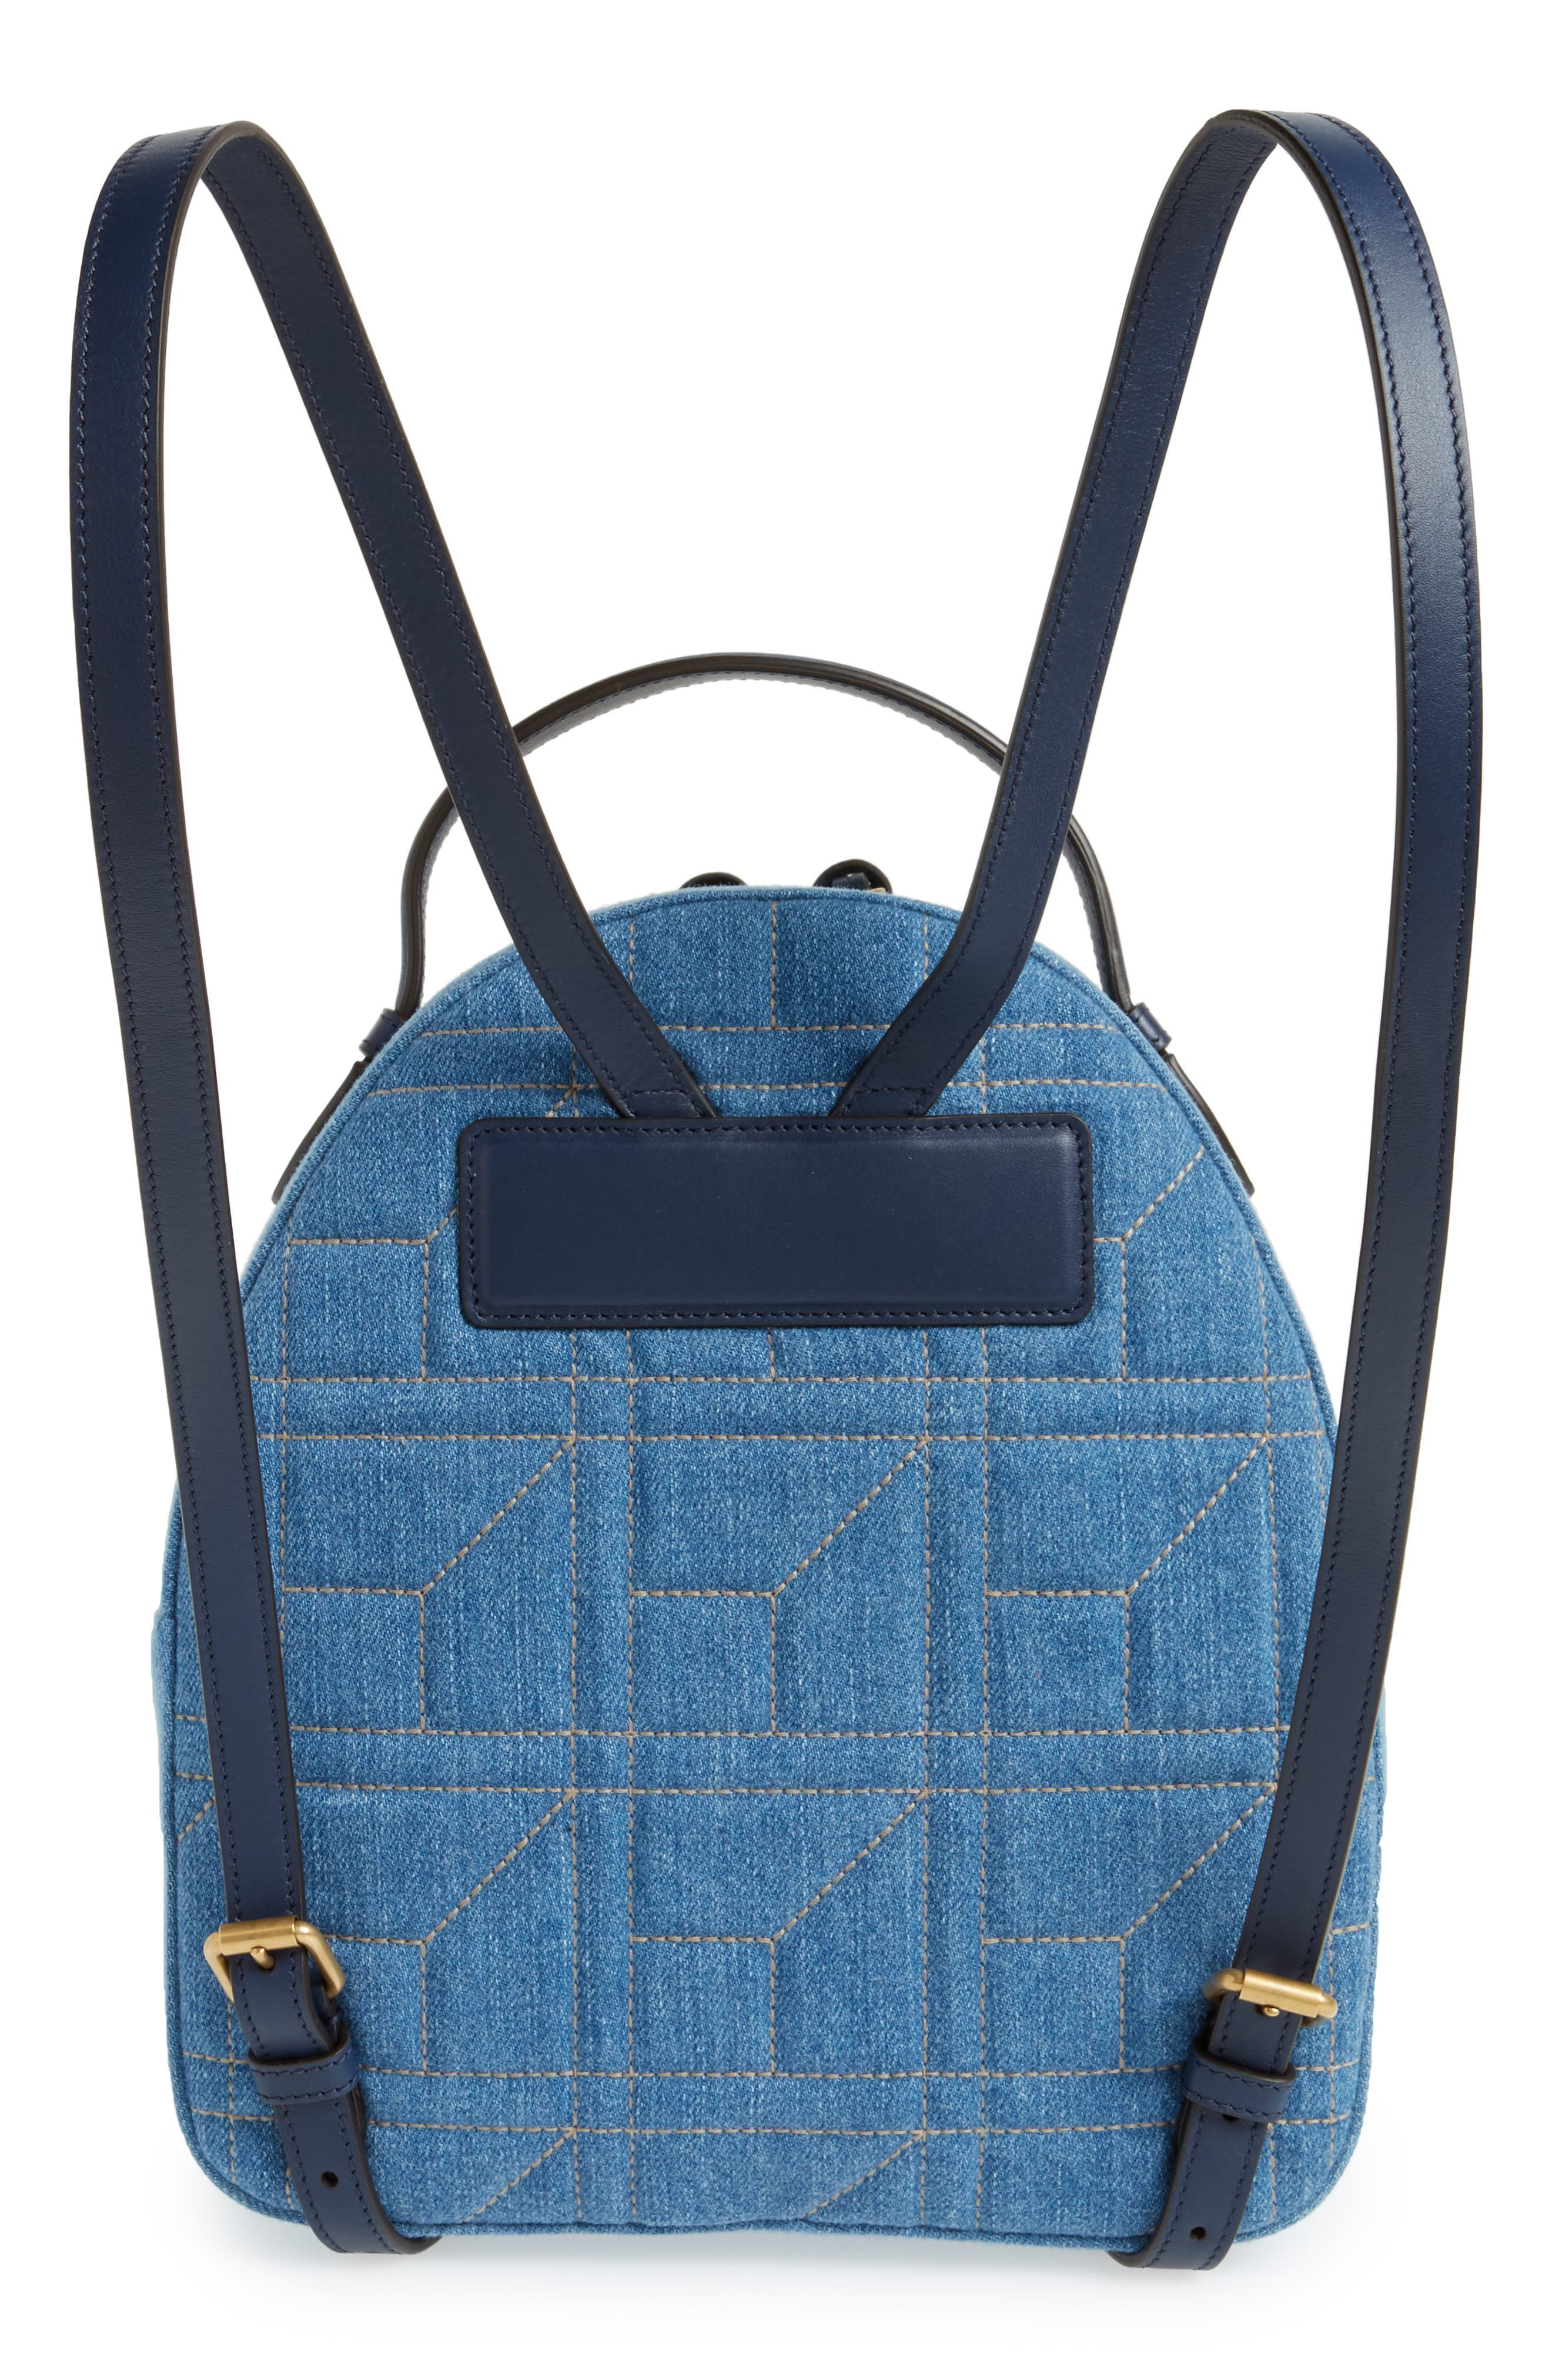 GG Marmont 2.0 Imitation Pearl Embellished Denim Backpack,                             Alternate thumbnail 3, color,                             Denim Blue